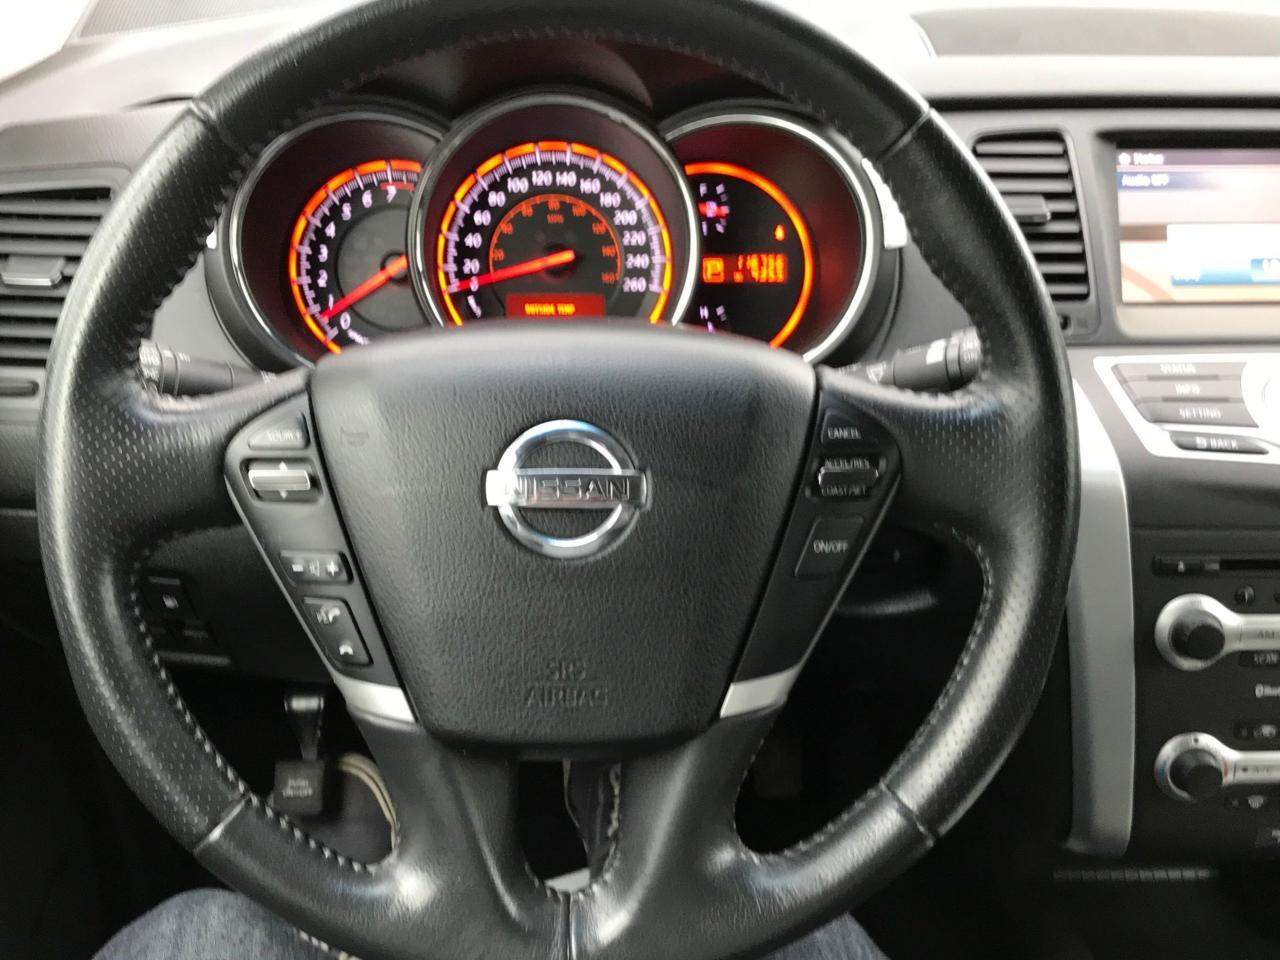 2010 Nissan Murano